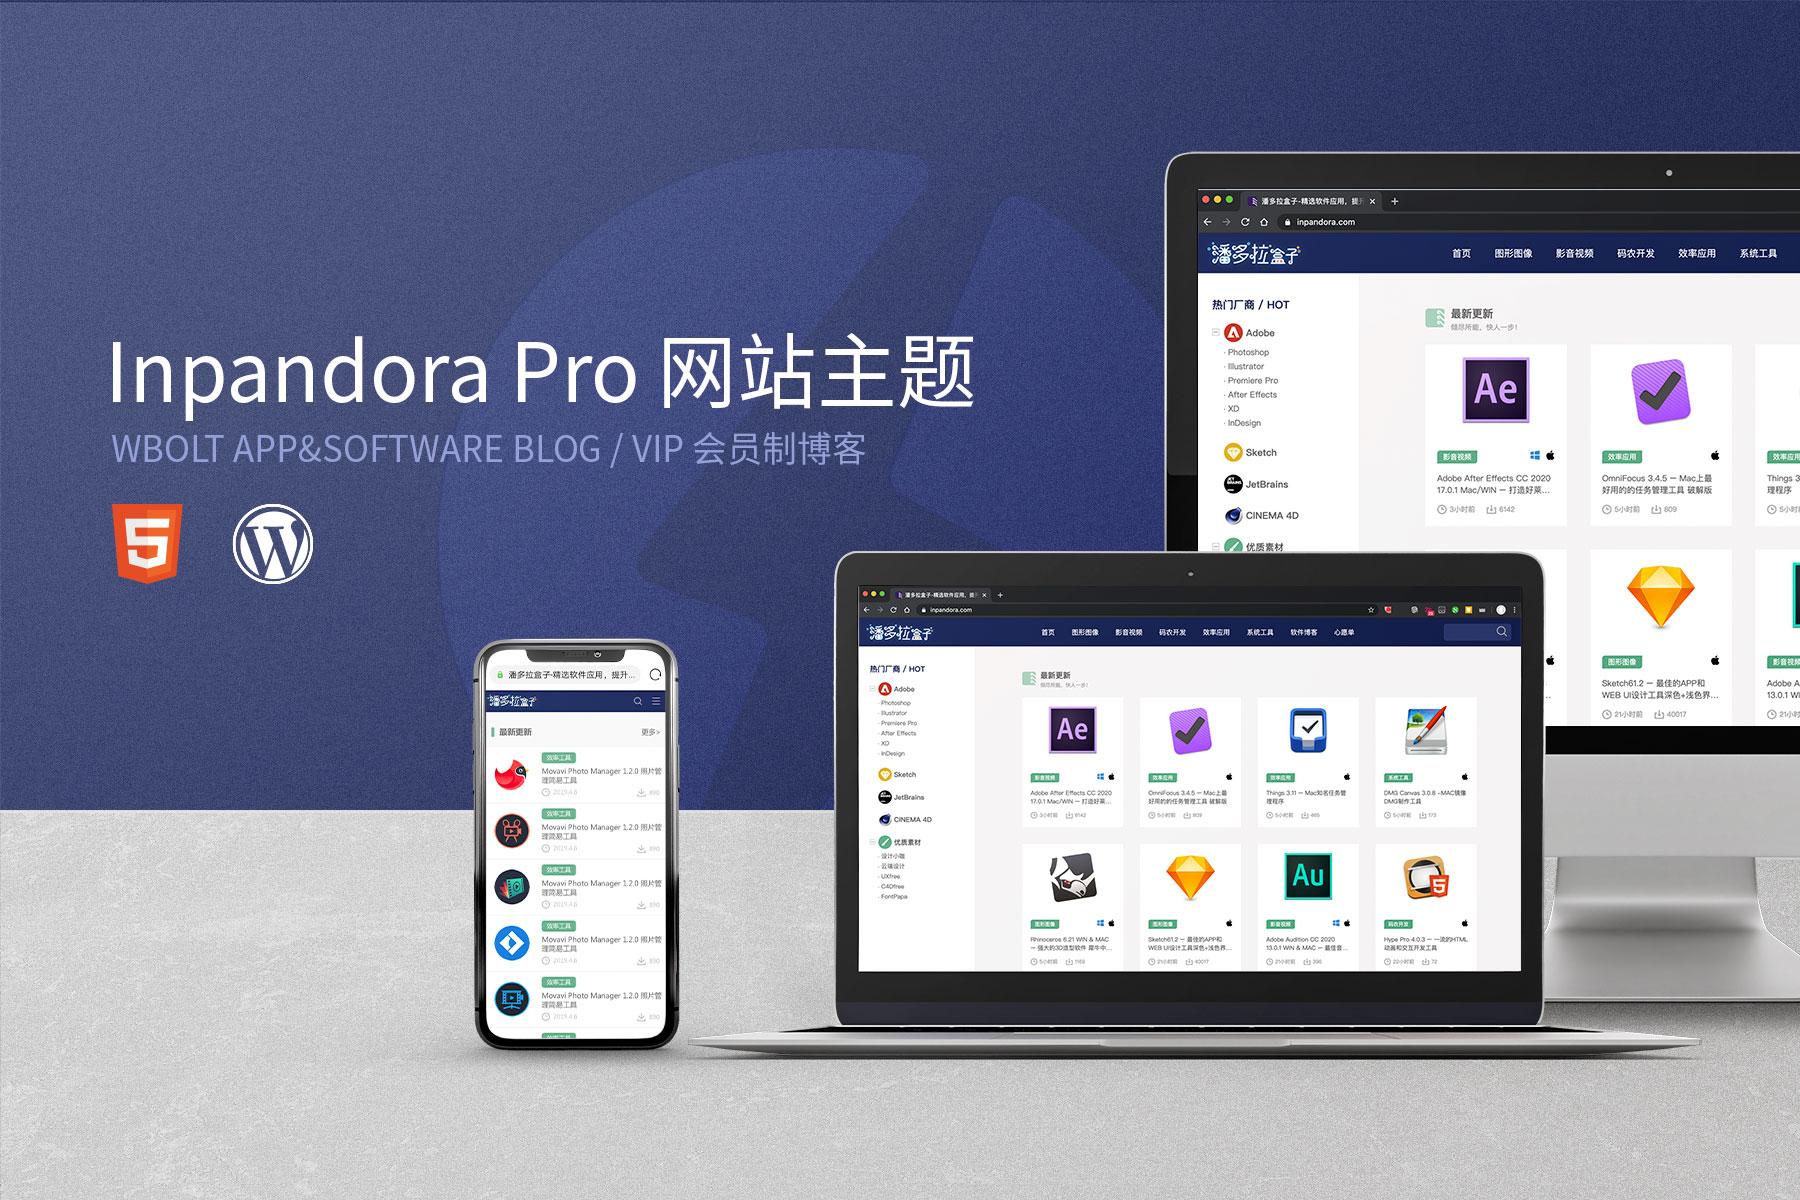 Inpandora Pro -软件下载站WordPress会员制主题